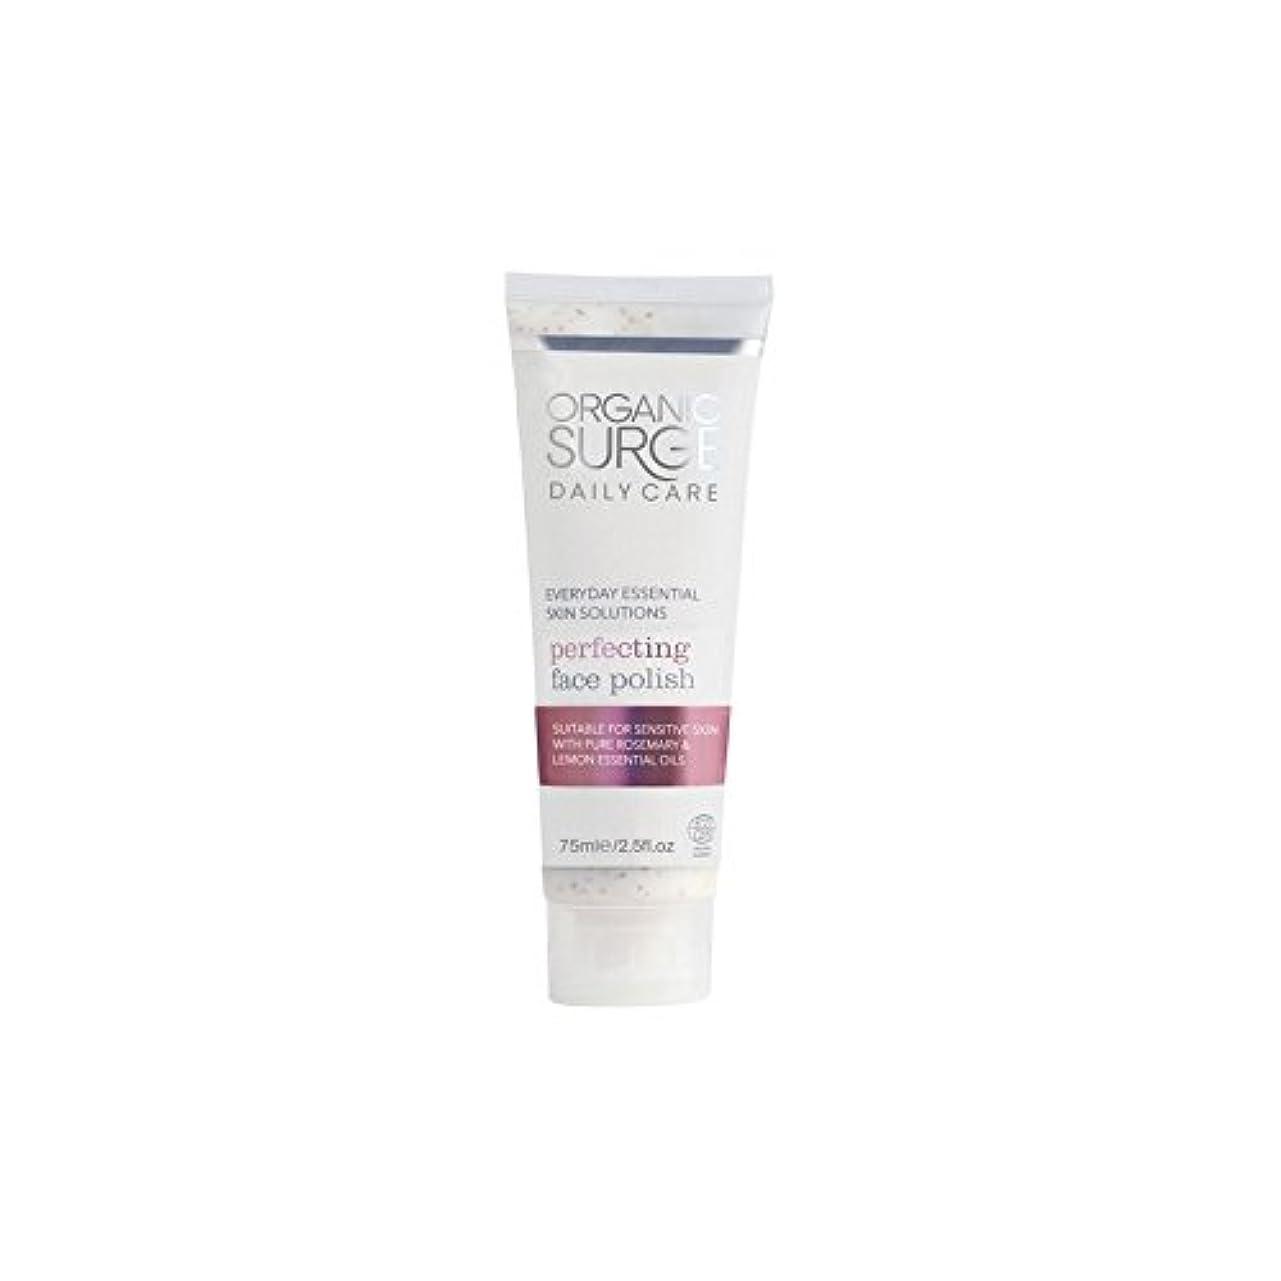 ベース嫌悪侵入するOrganic Surge Daily Care Perfecting Face Polish (75ml) (Pack of 6) - 面研磨を完成有機サージ毎日のケア(75ミリリットル) x6 [並行輸入品]